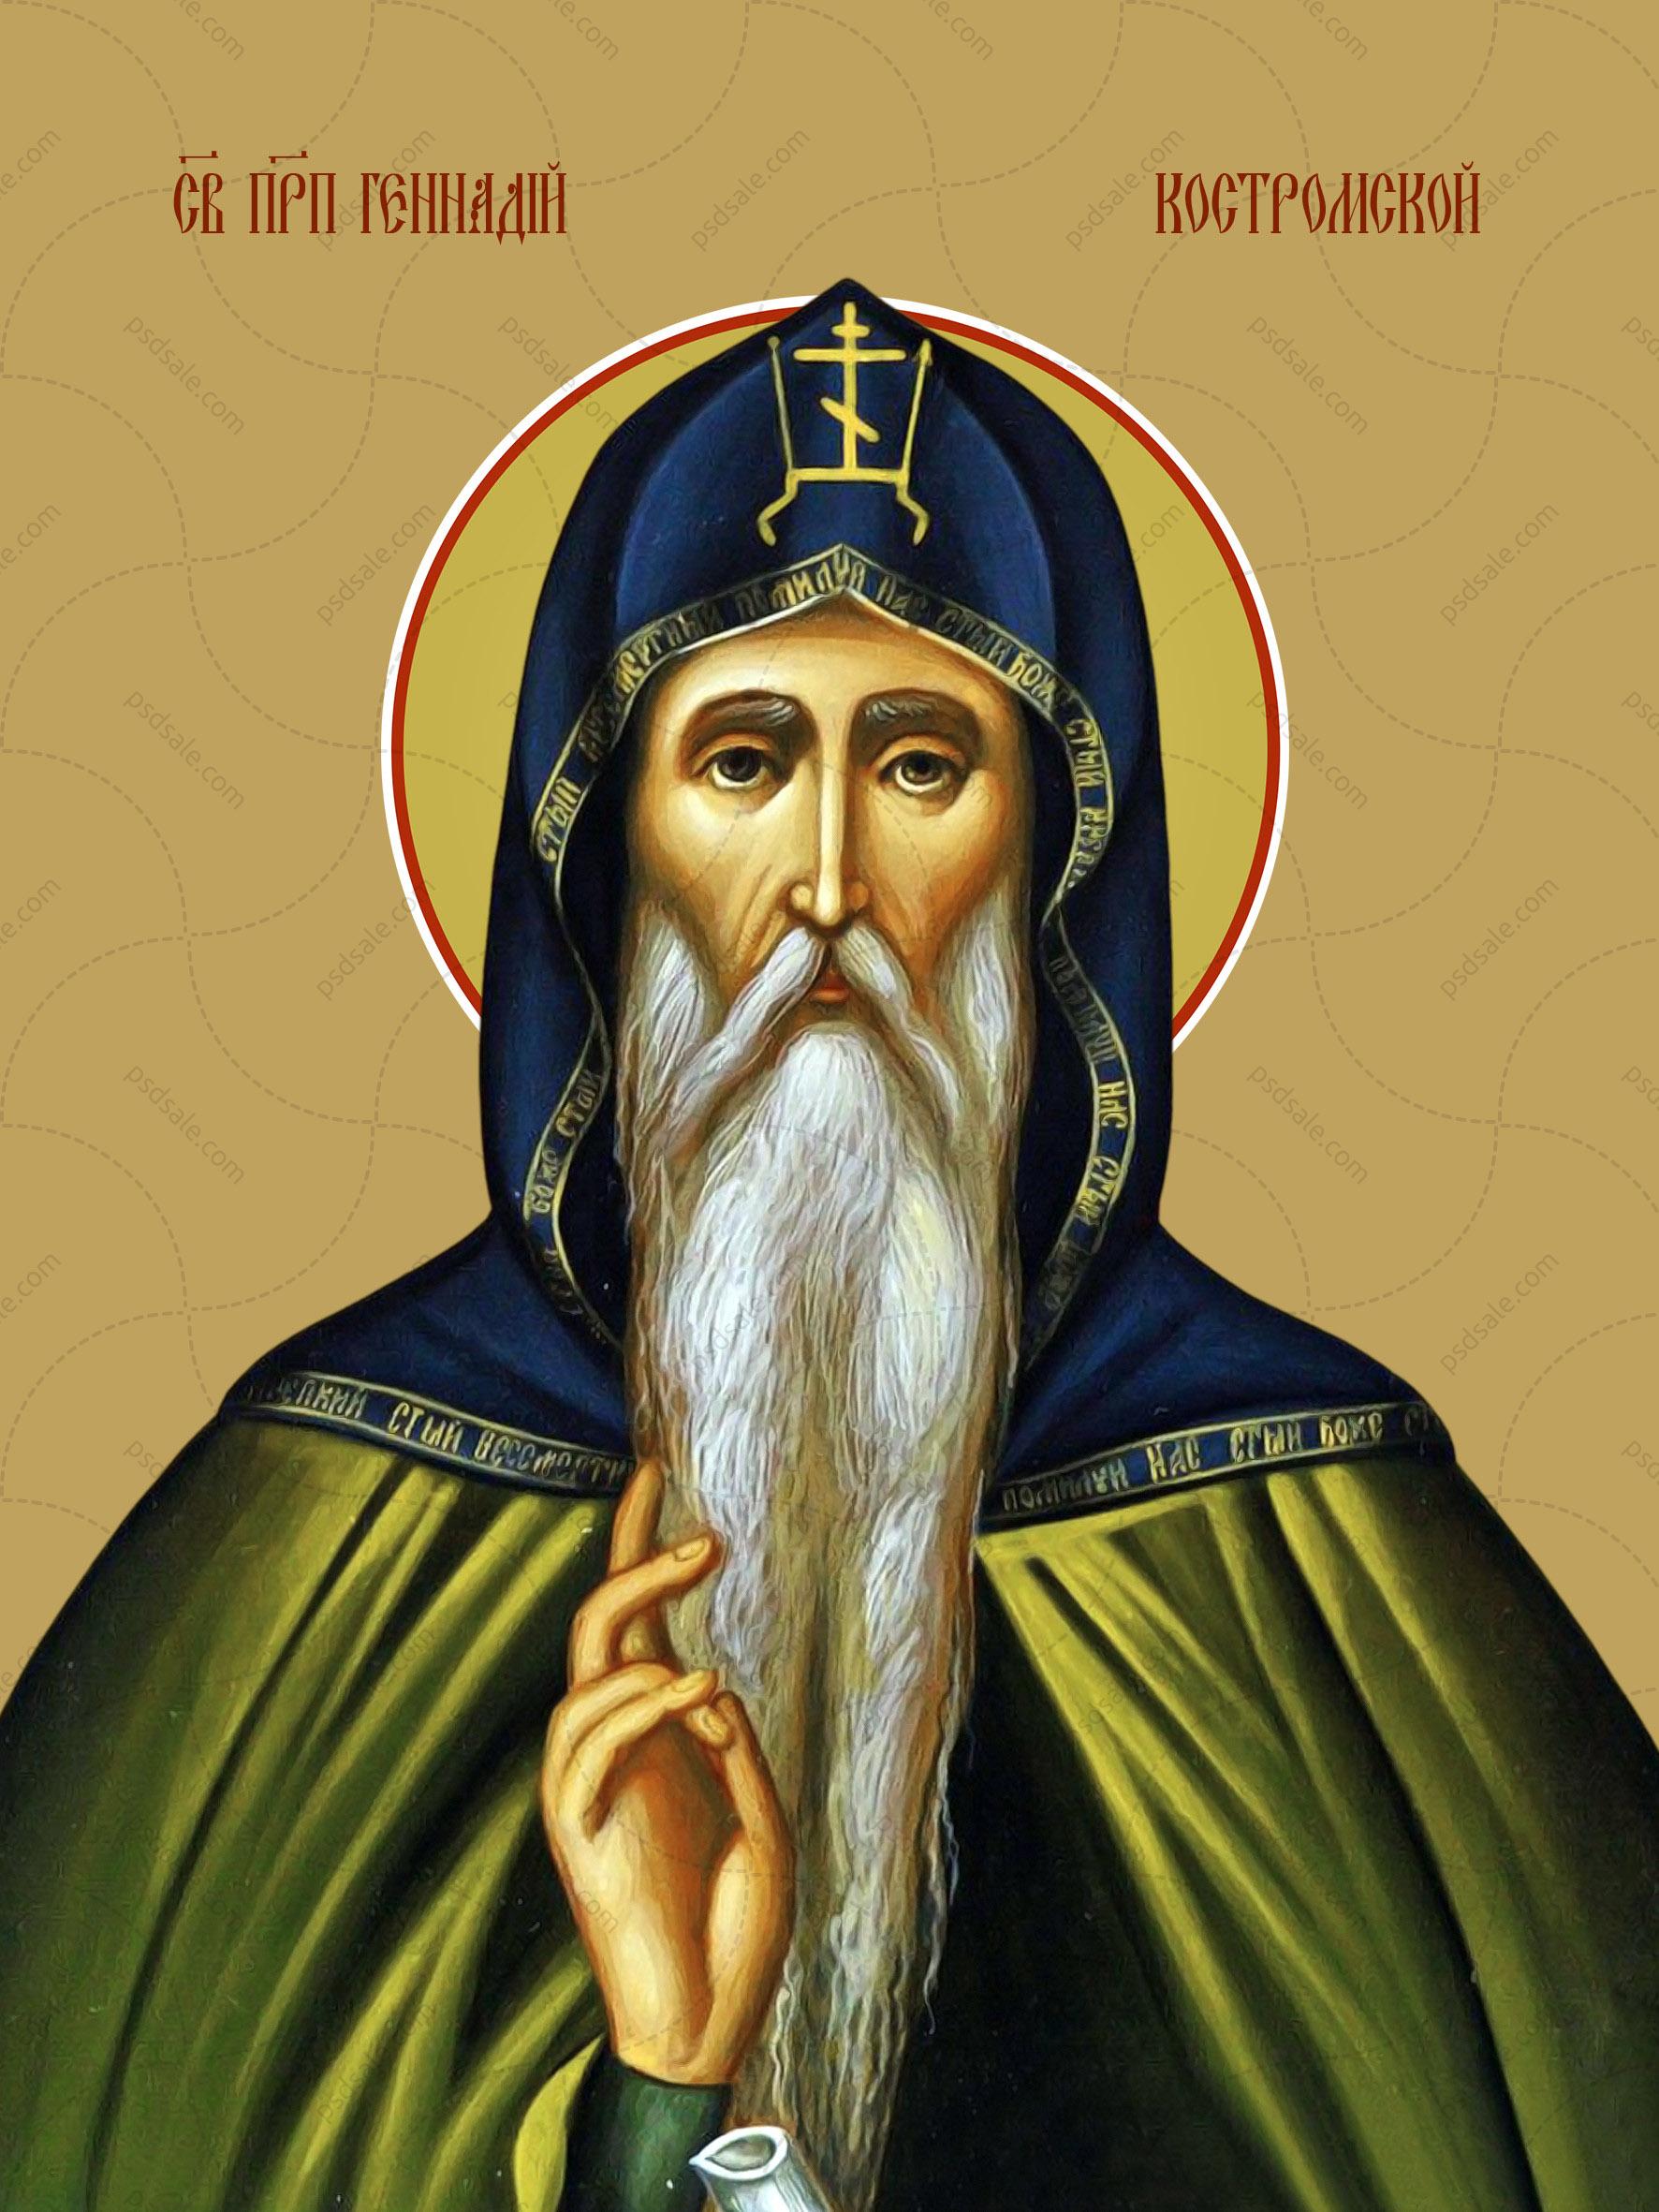 Геннадий Костромской, преподобный